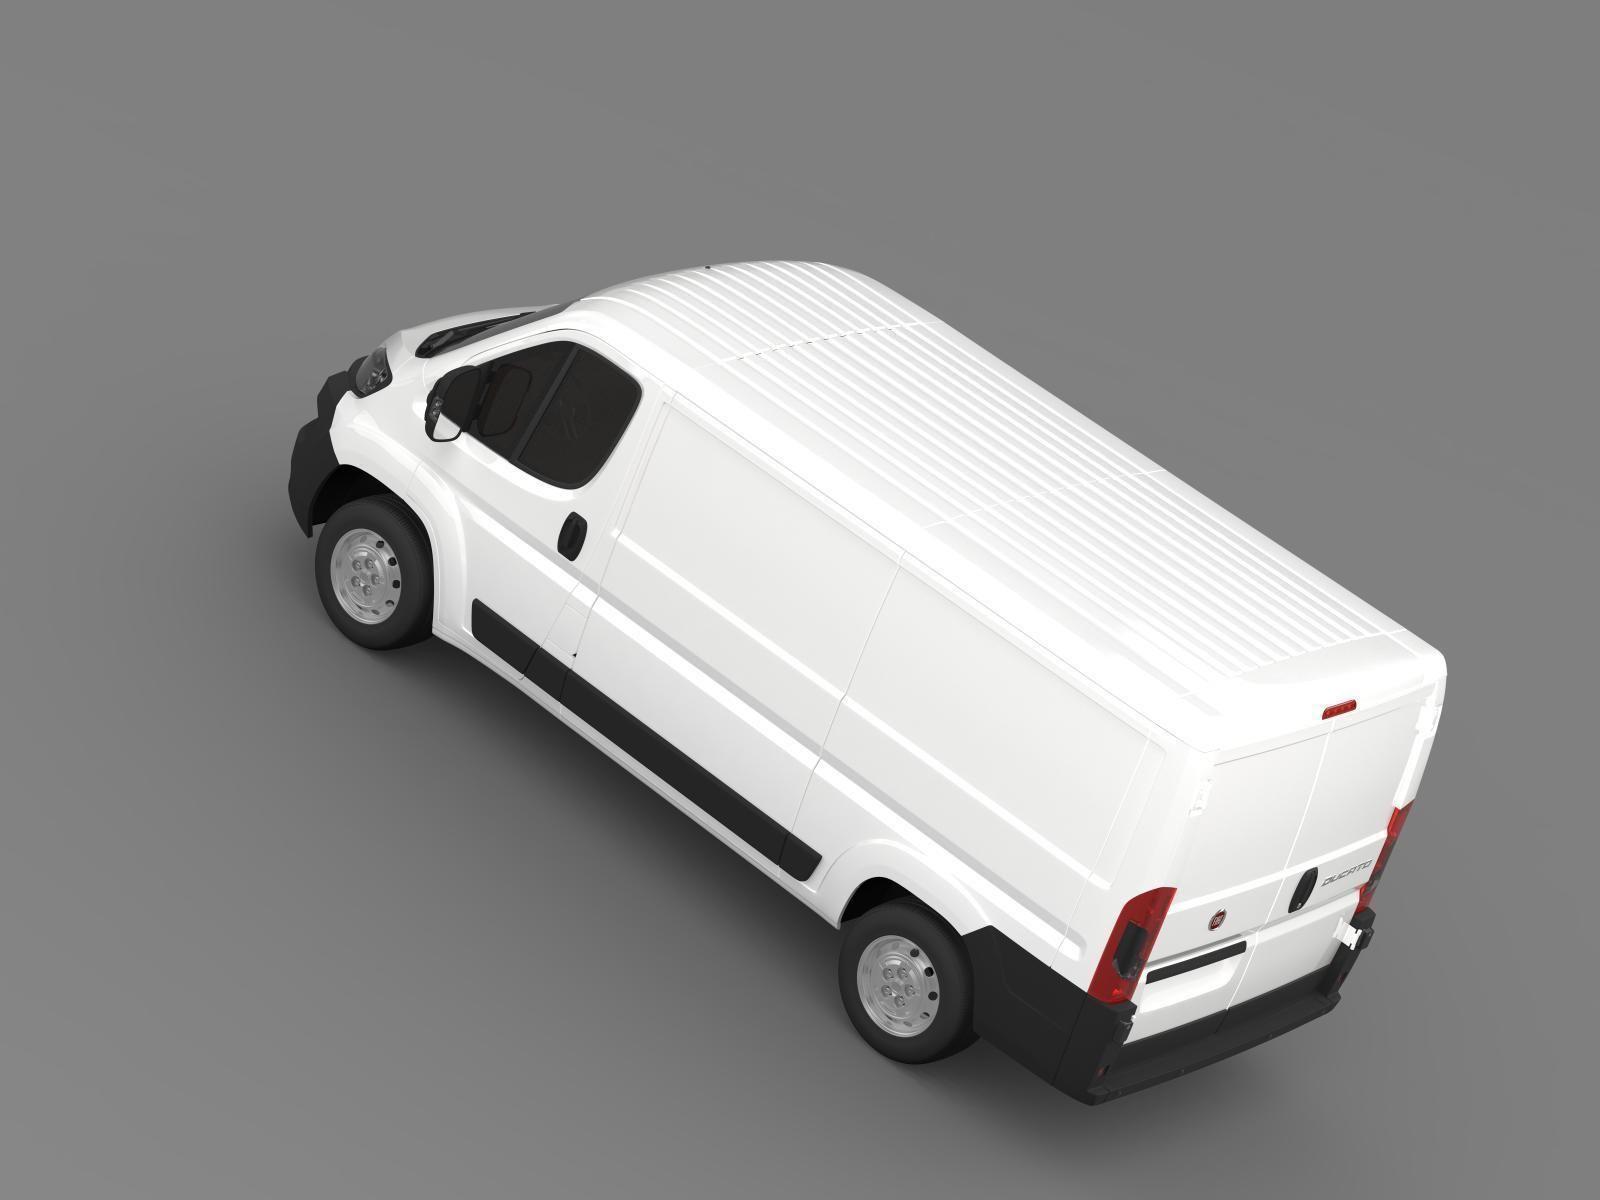 fiat ducato van l2h1 2015 3d model max obj 3ds fbx. Black Bedroom Furniture Sets. Home Design Ideas